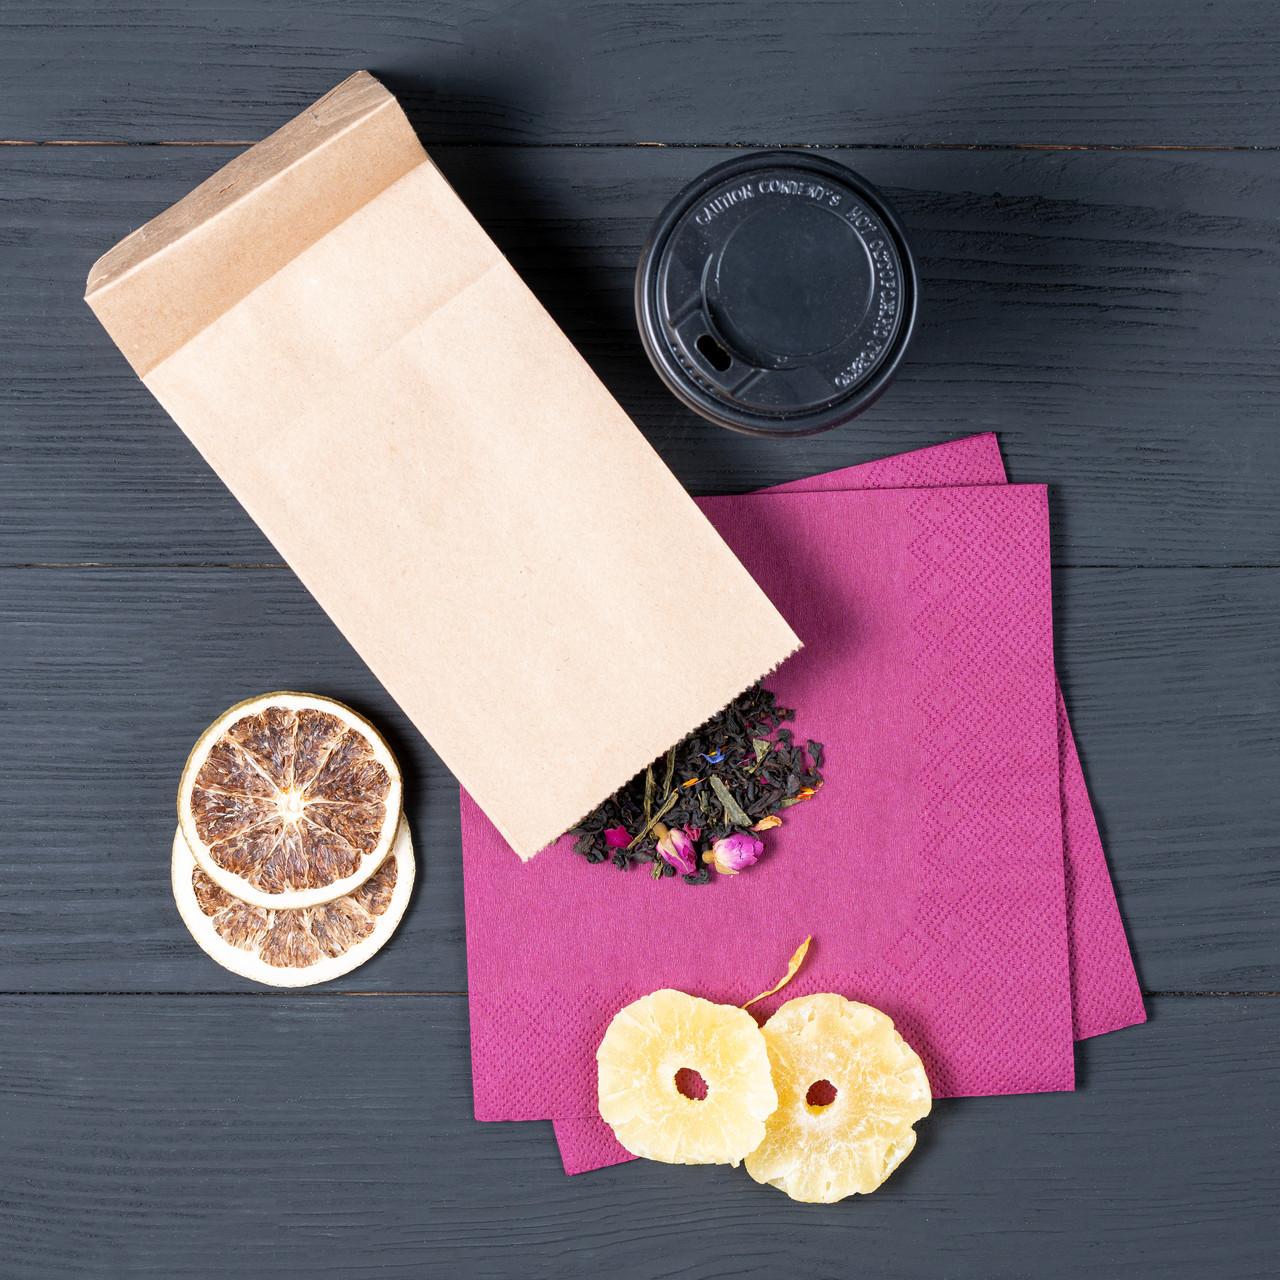 Бумажный пакет с плоским дном 95*65*190 мм для орехов, сухофруктов, цукатов